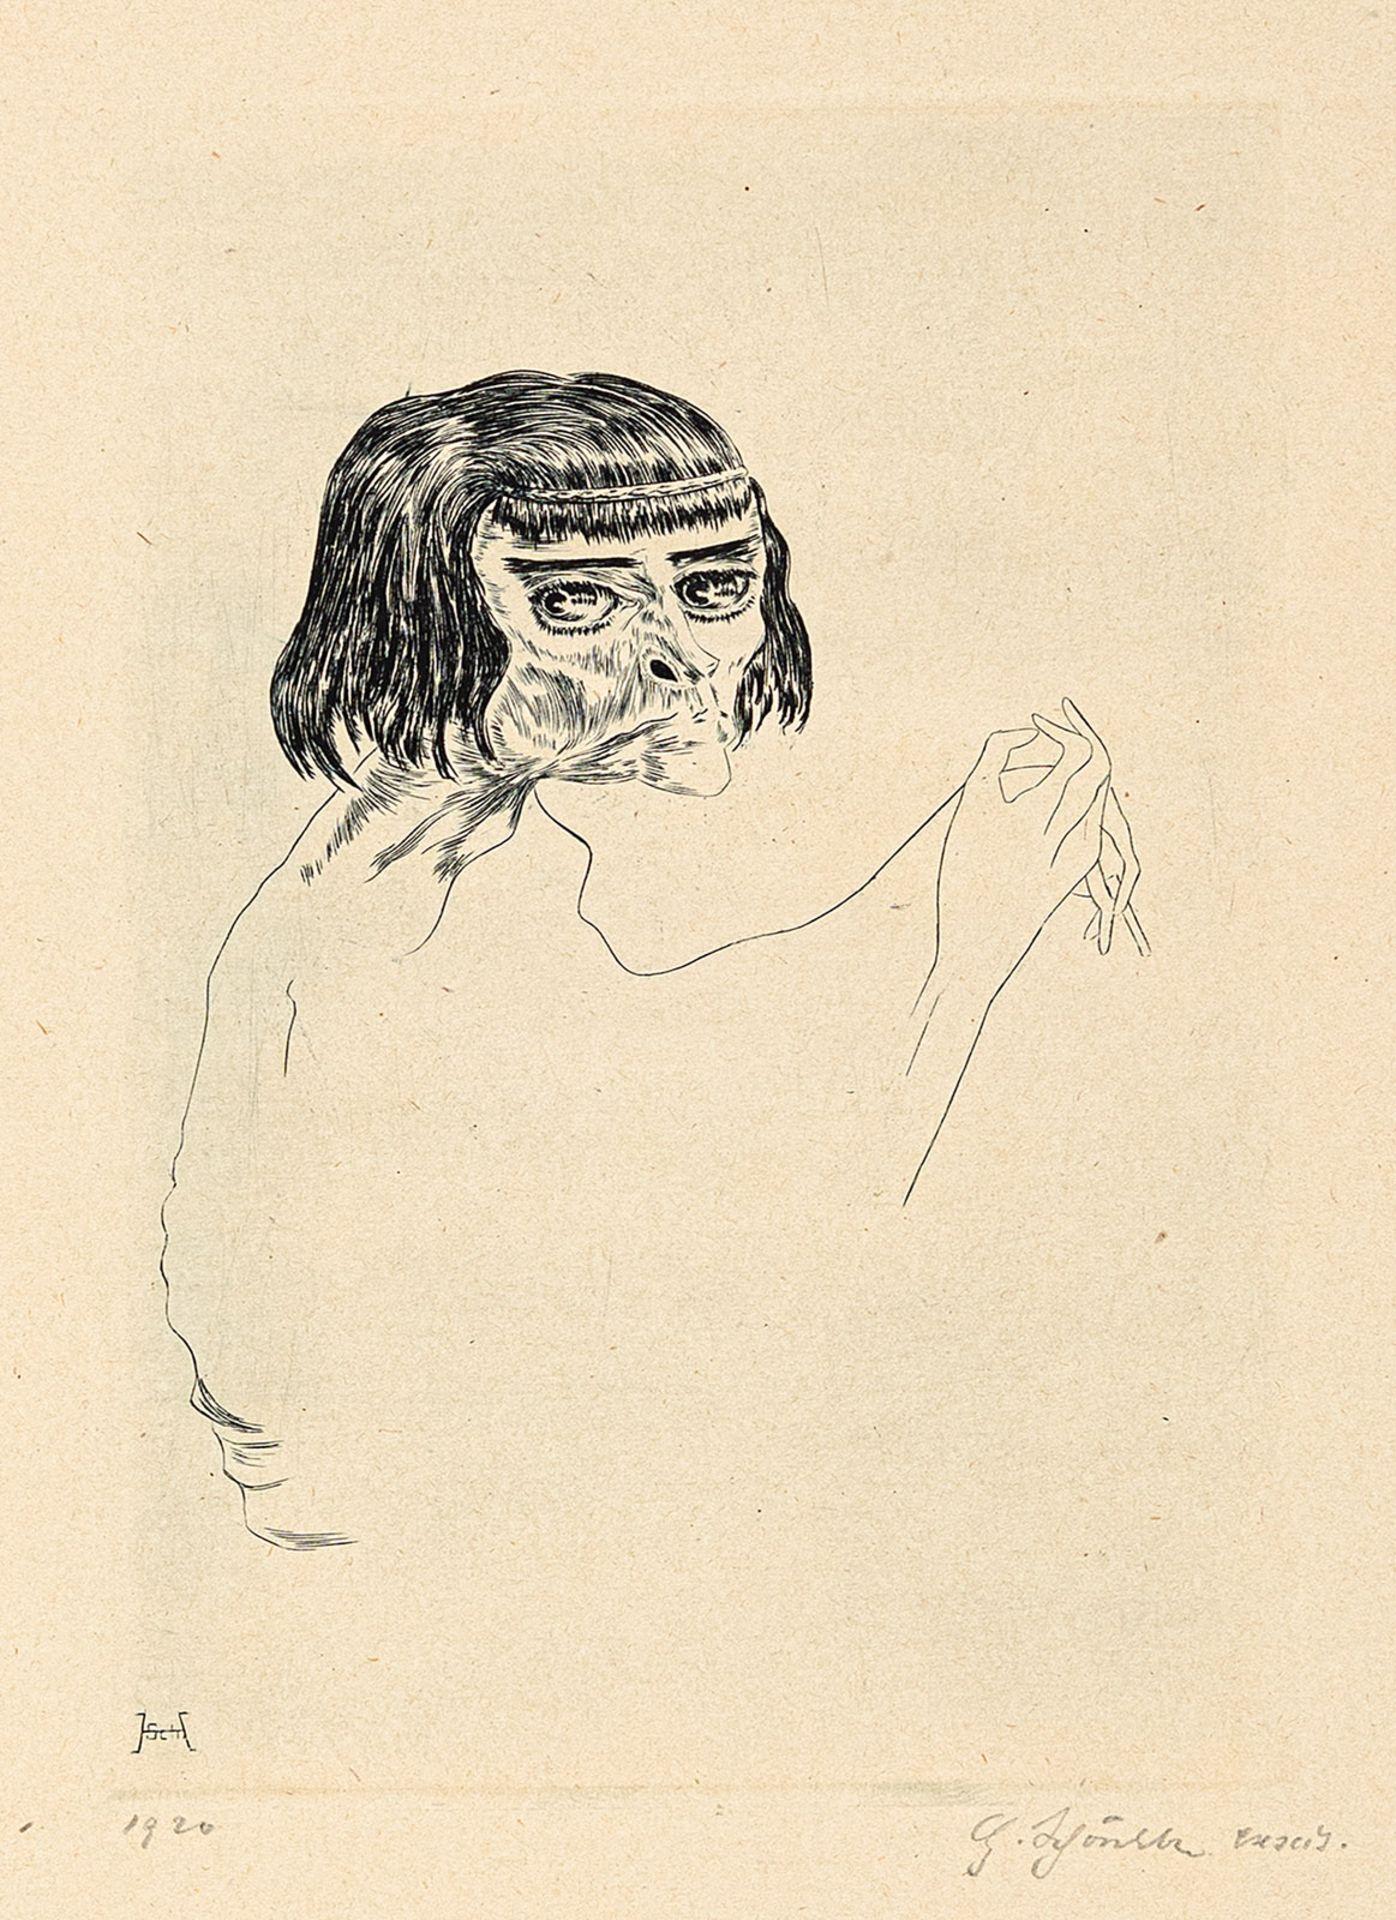 Schönleber, Hans Otto - Image 3 of 9